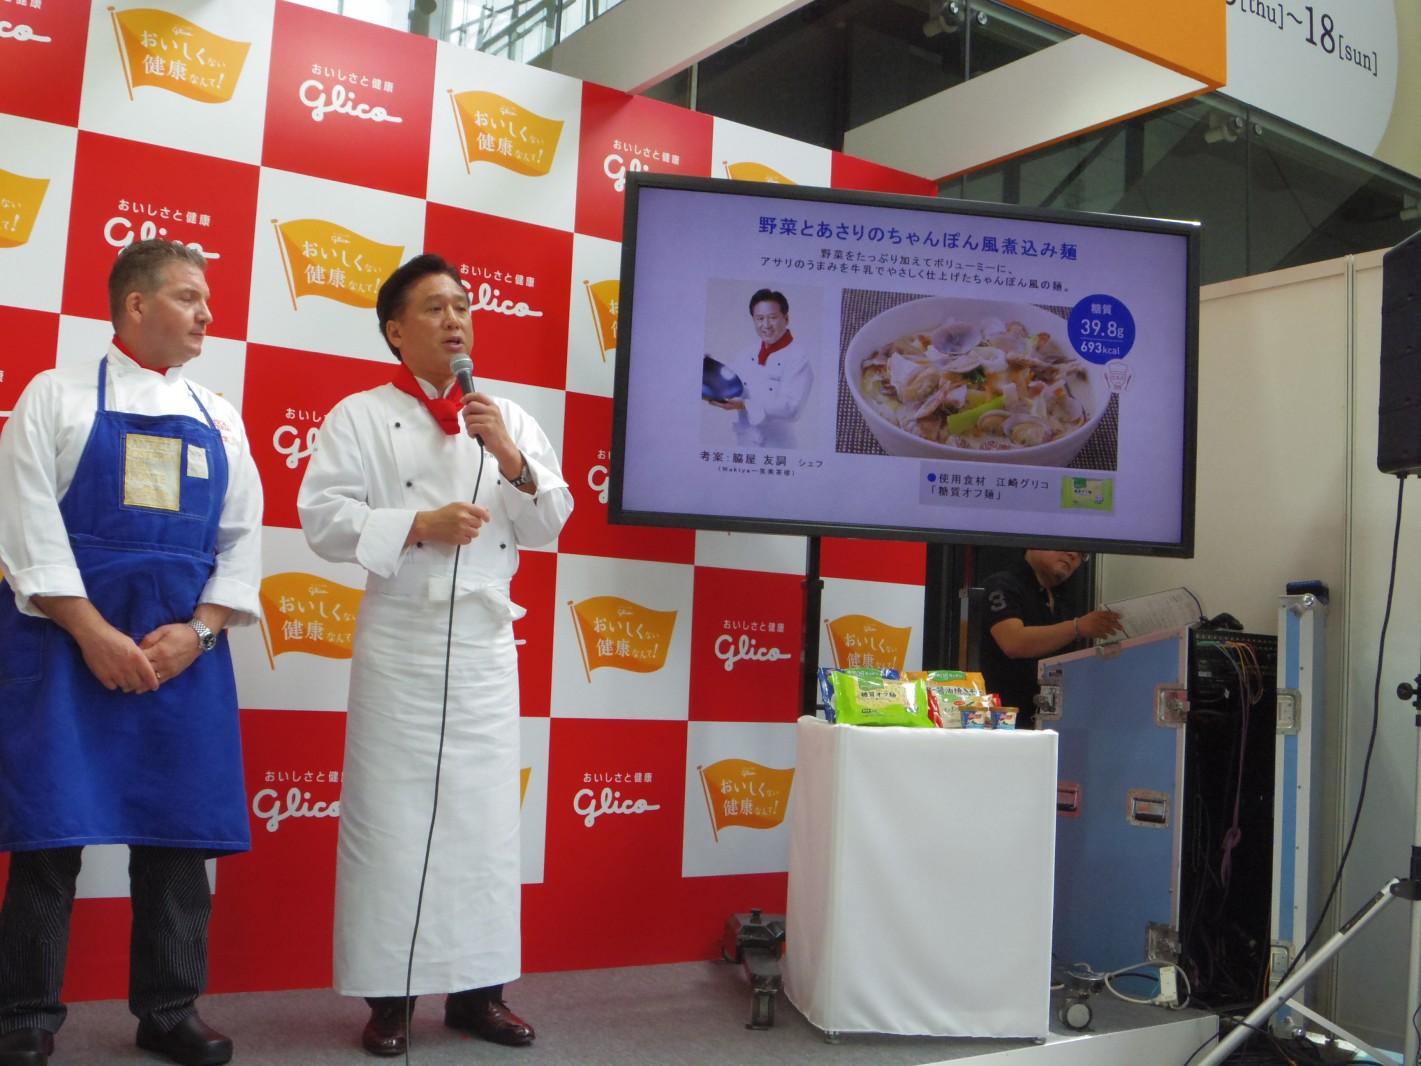 糖質オフで健康に!江崎グリコの冷凍糖質オフ麺×シェフのメニュー